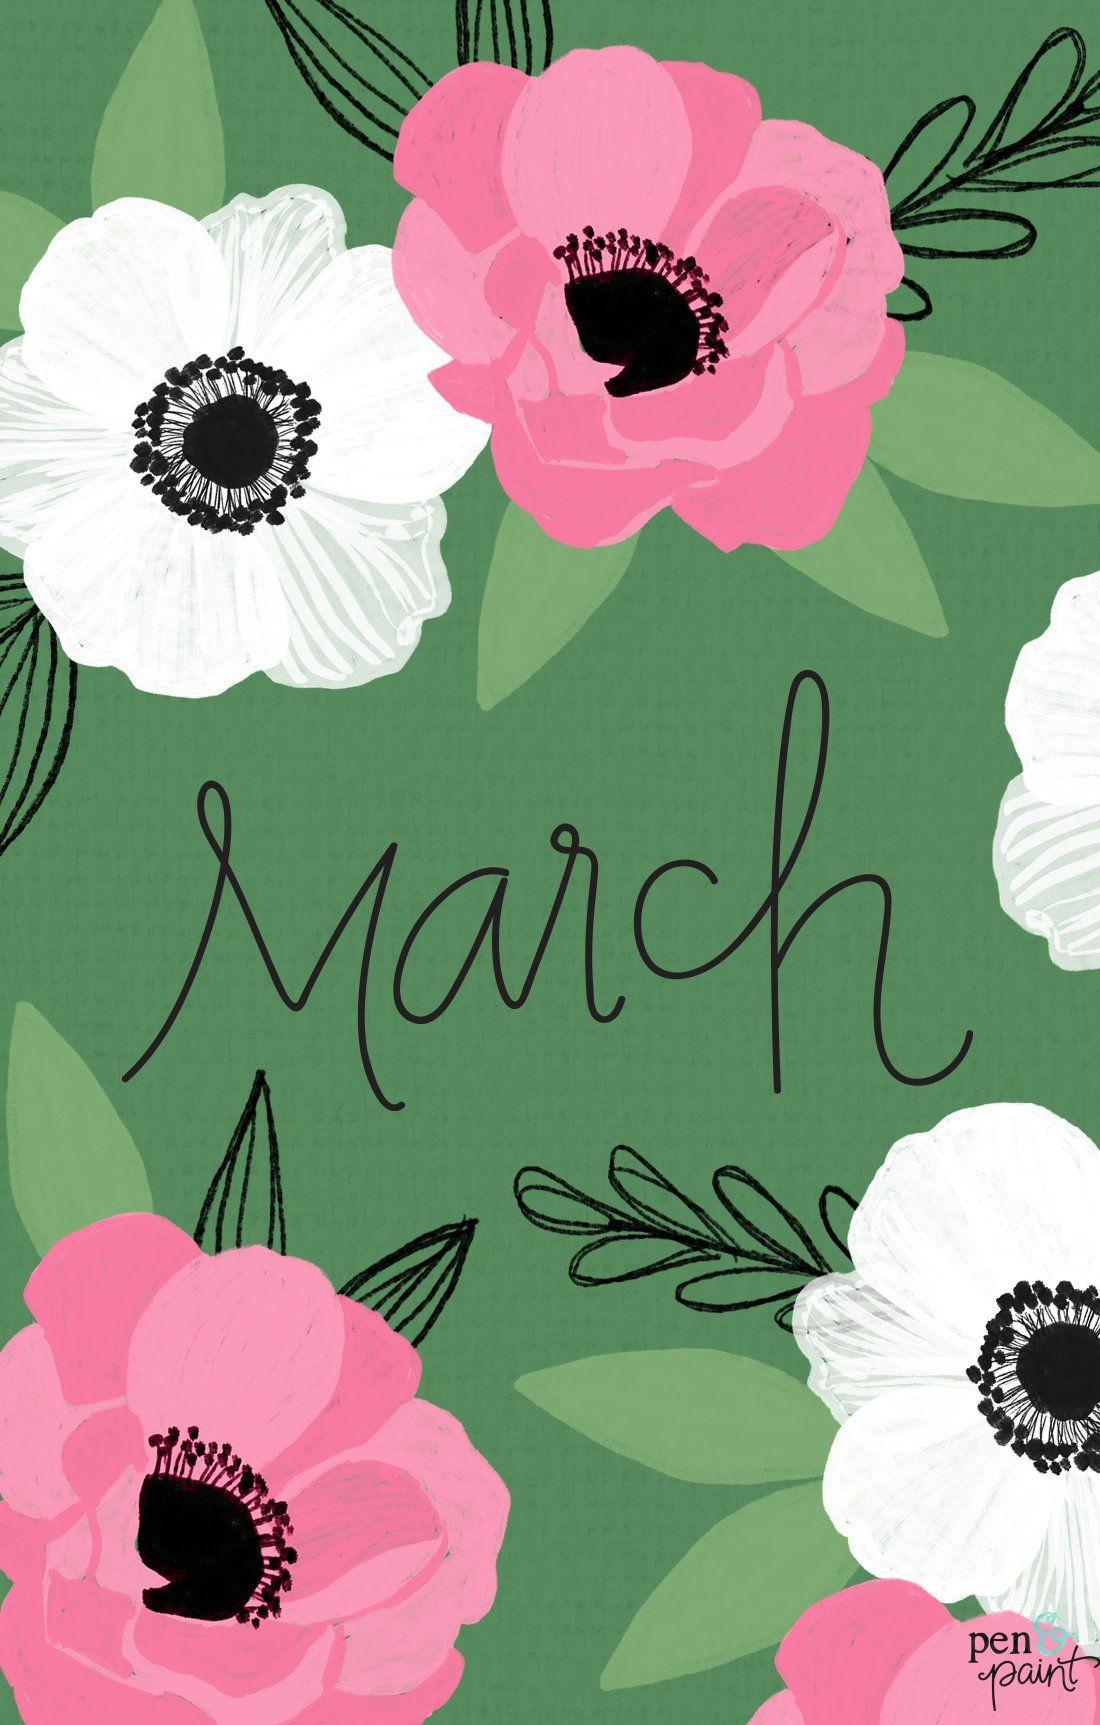 Free March Desktop Background Wallpaper In 2020 Holiday Iphone Wallpaper Spring Desktop Wallpaper Iphone Wallpaper Preppy